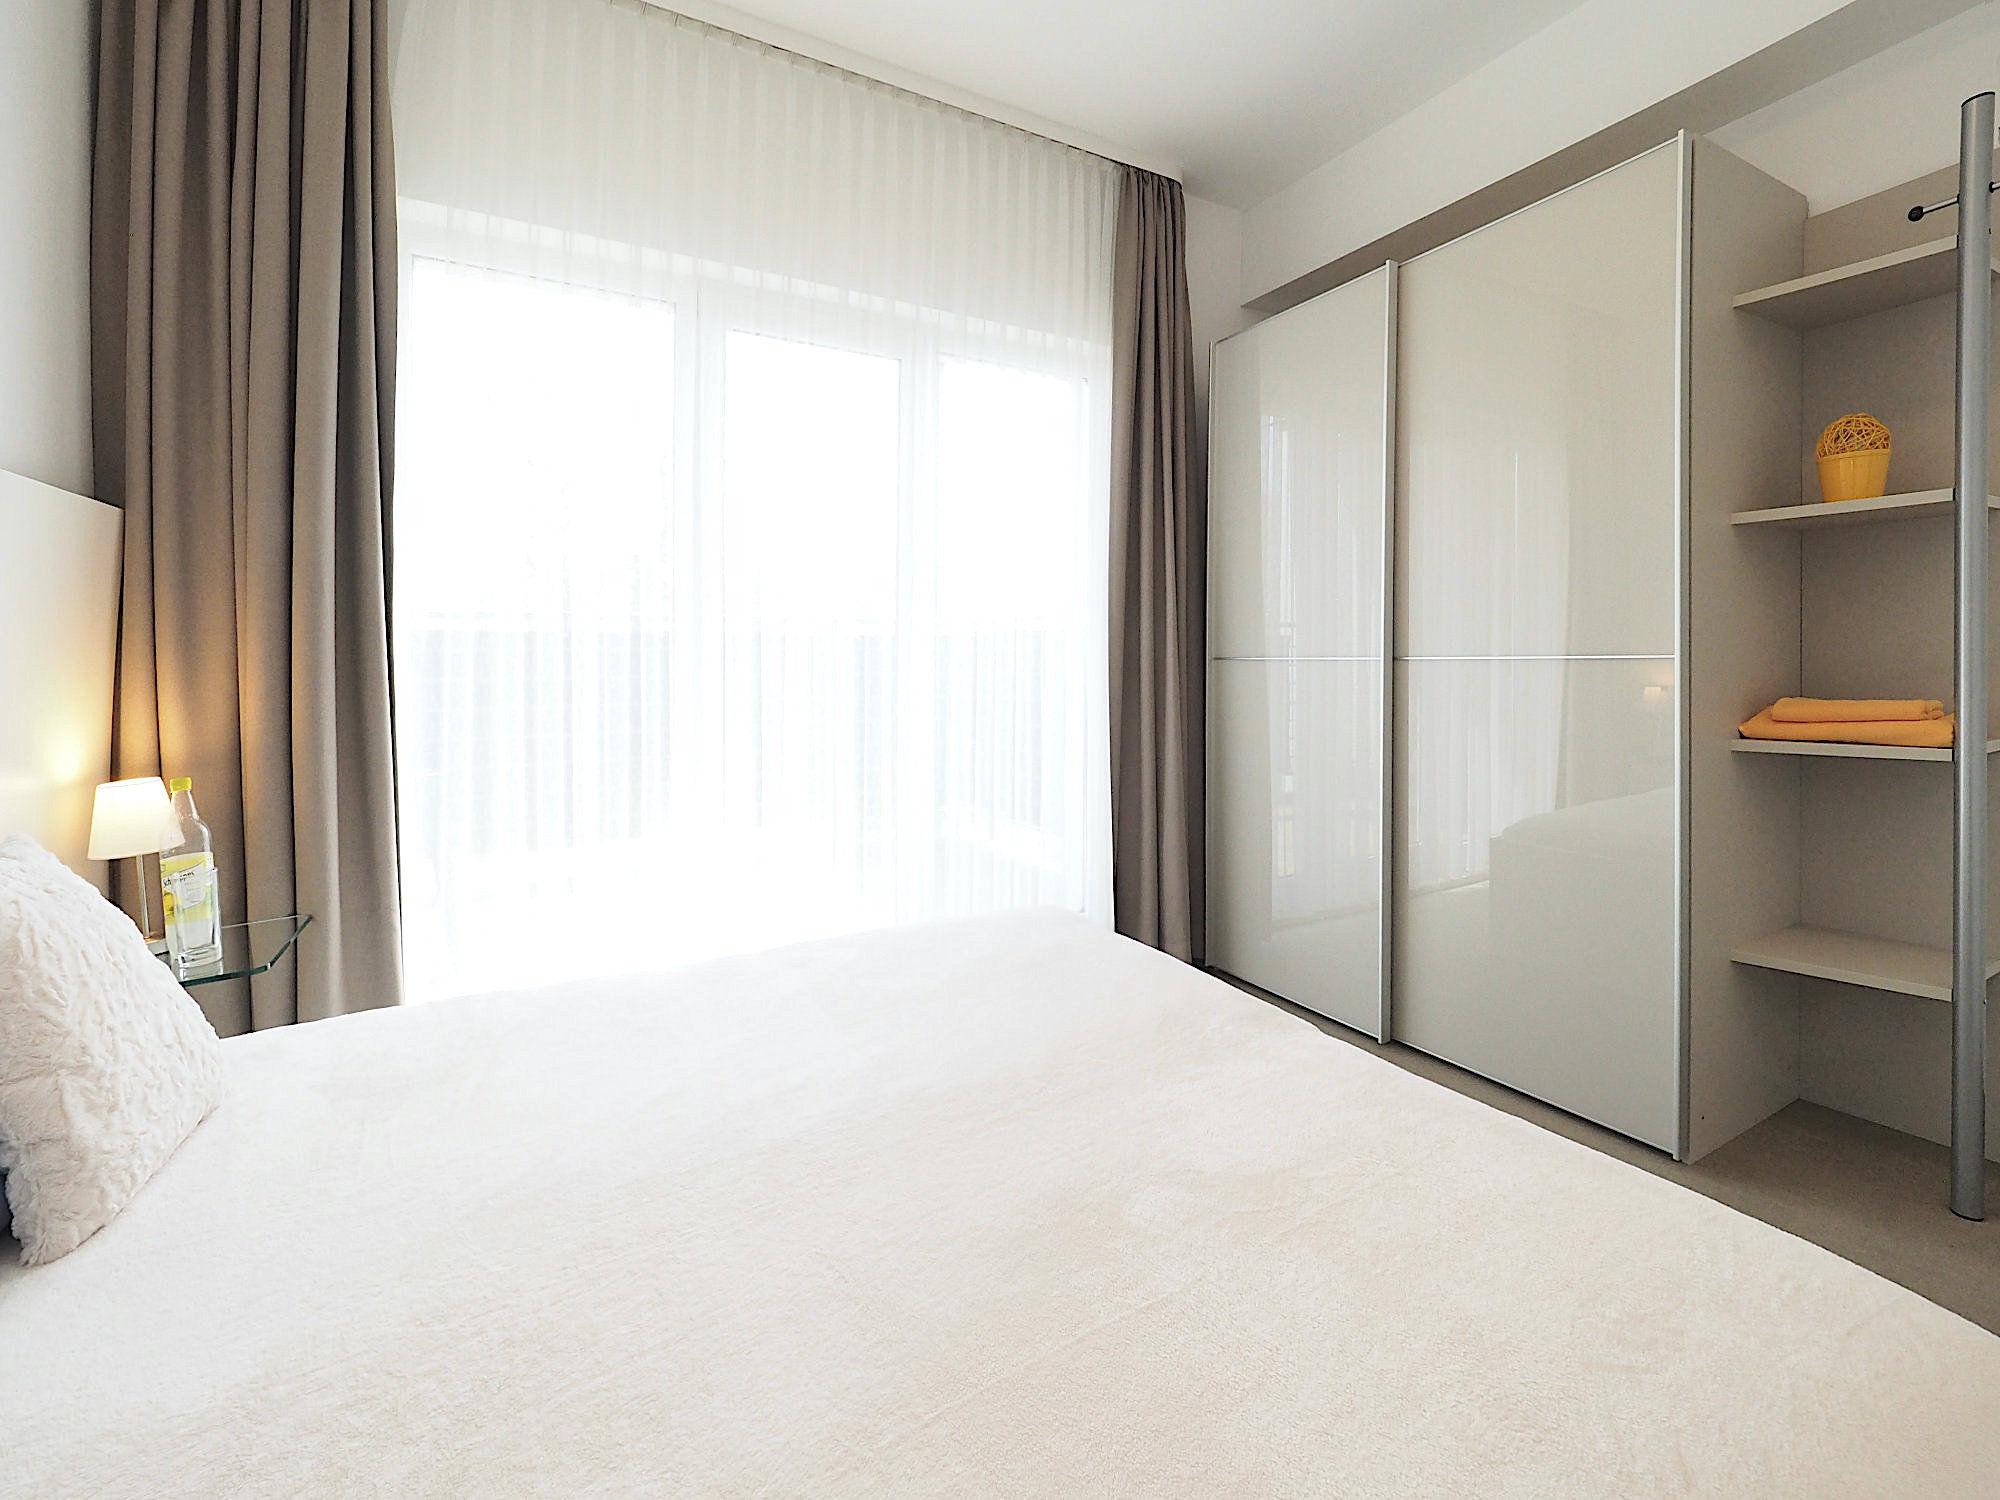 Schlafzimmer mit Doppelbett, rechts davon großer Kleiderschrank mit Regalteil, im Hintergrund bodentiefe Fenster